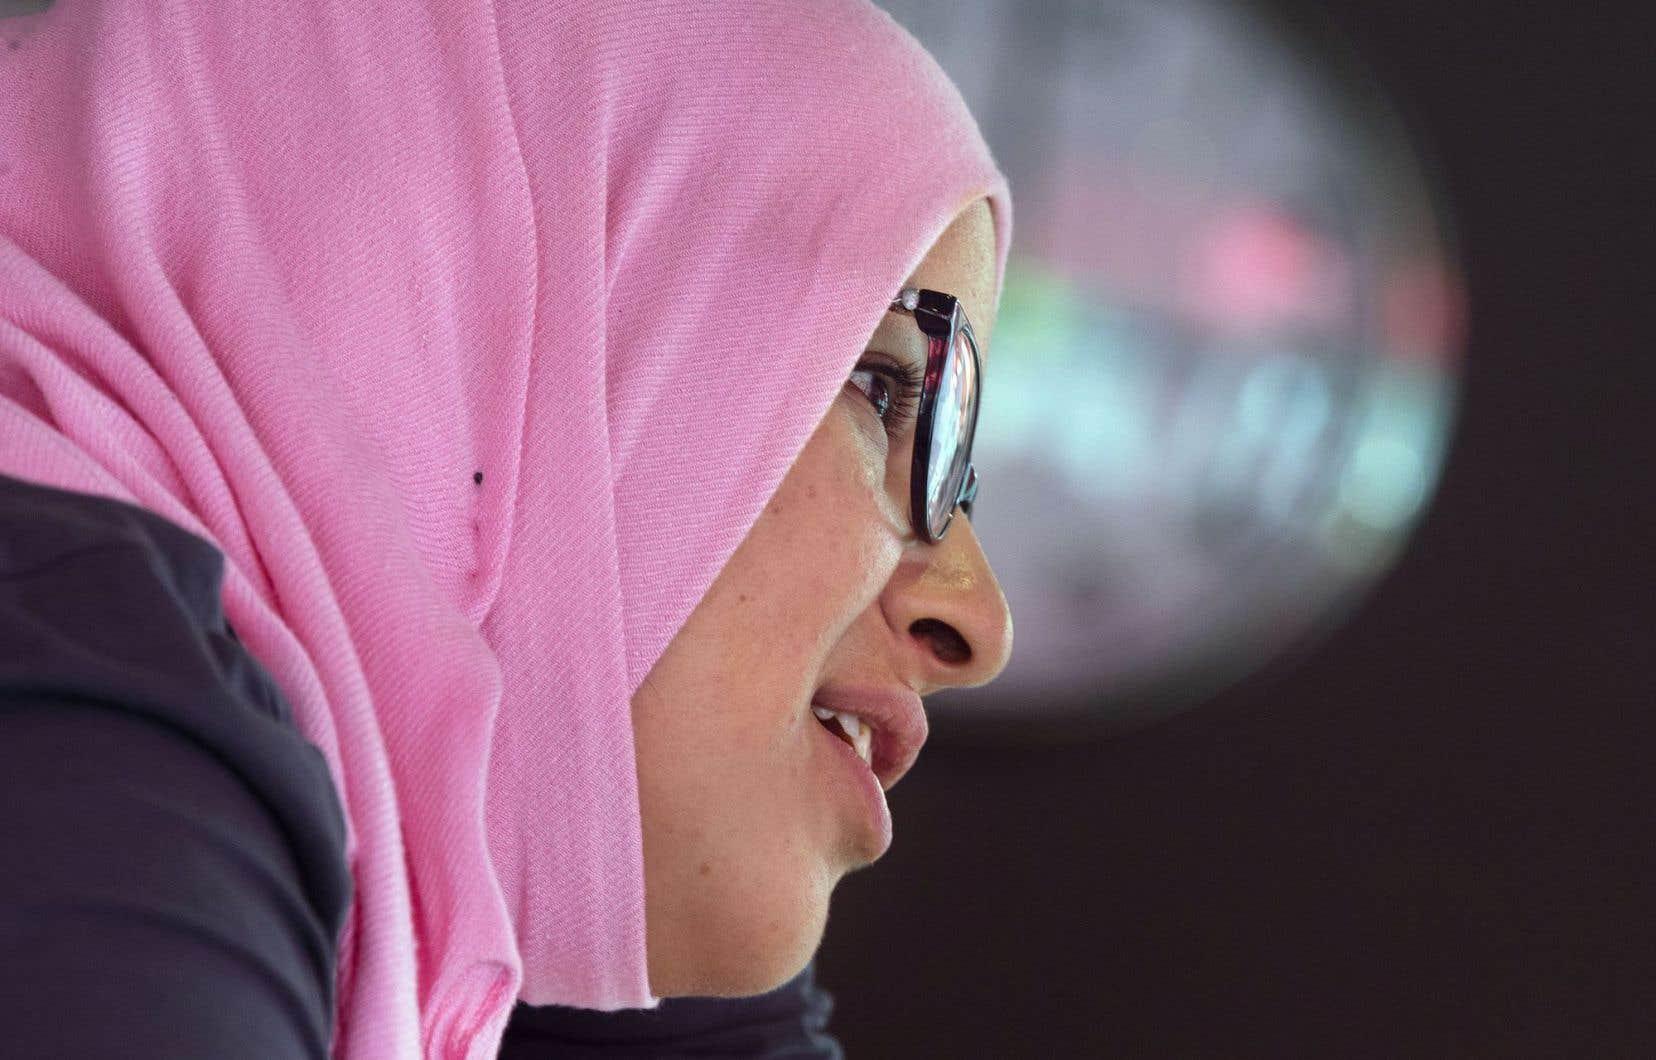 Hanaa Alabdullah est pour ainsi dire «tolérée» jusqu'en 2019 au Canada, mais sans possibilité d'obtenir un statut qui lui permettrait légalement d'étudier, de travailler ou d'obtenir des soins de santé.